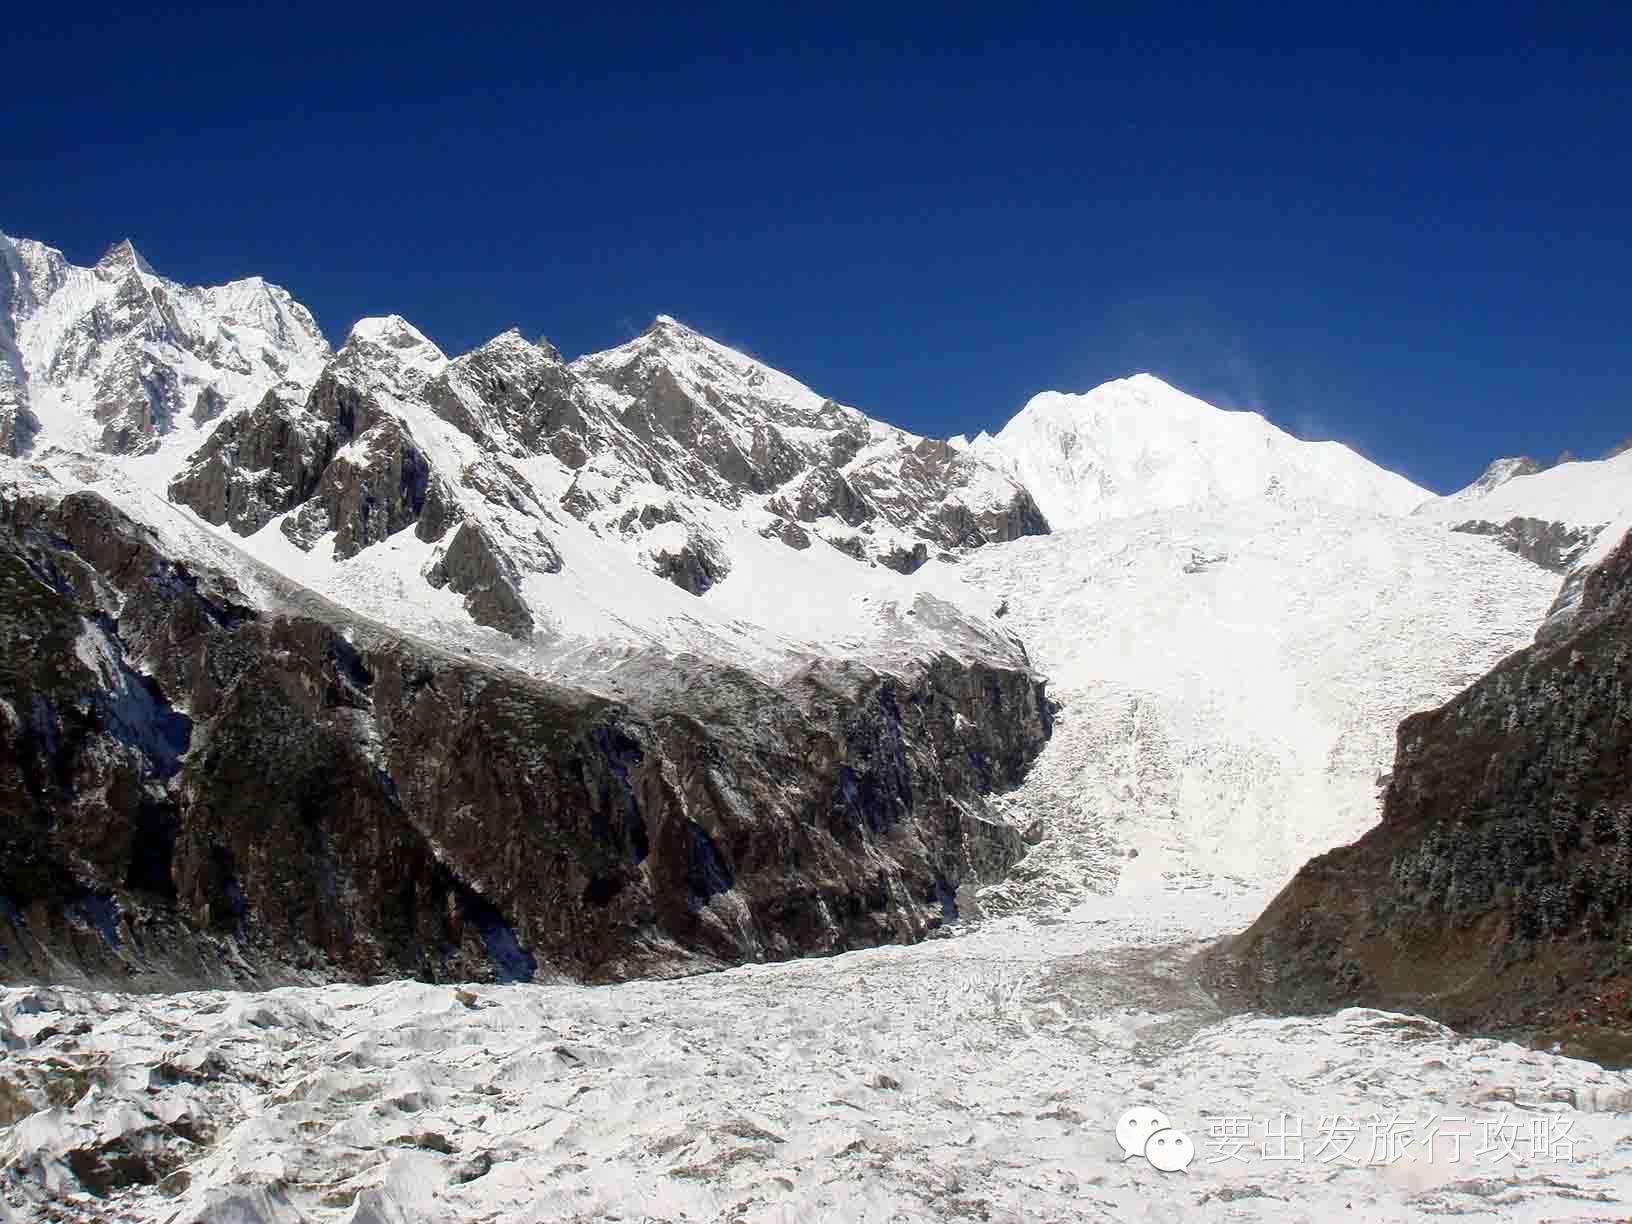 海螺沟冰川是地球上同纬度海拔最低,离城市最近的冰川.